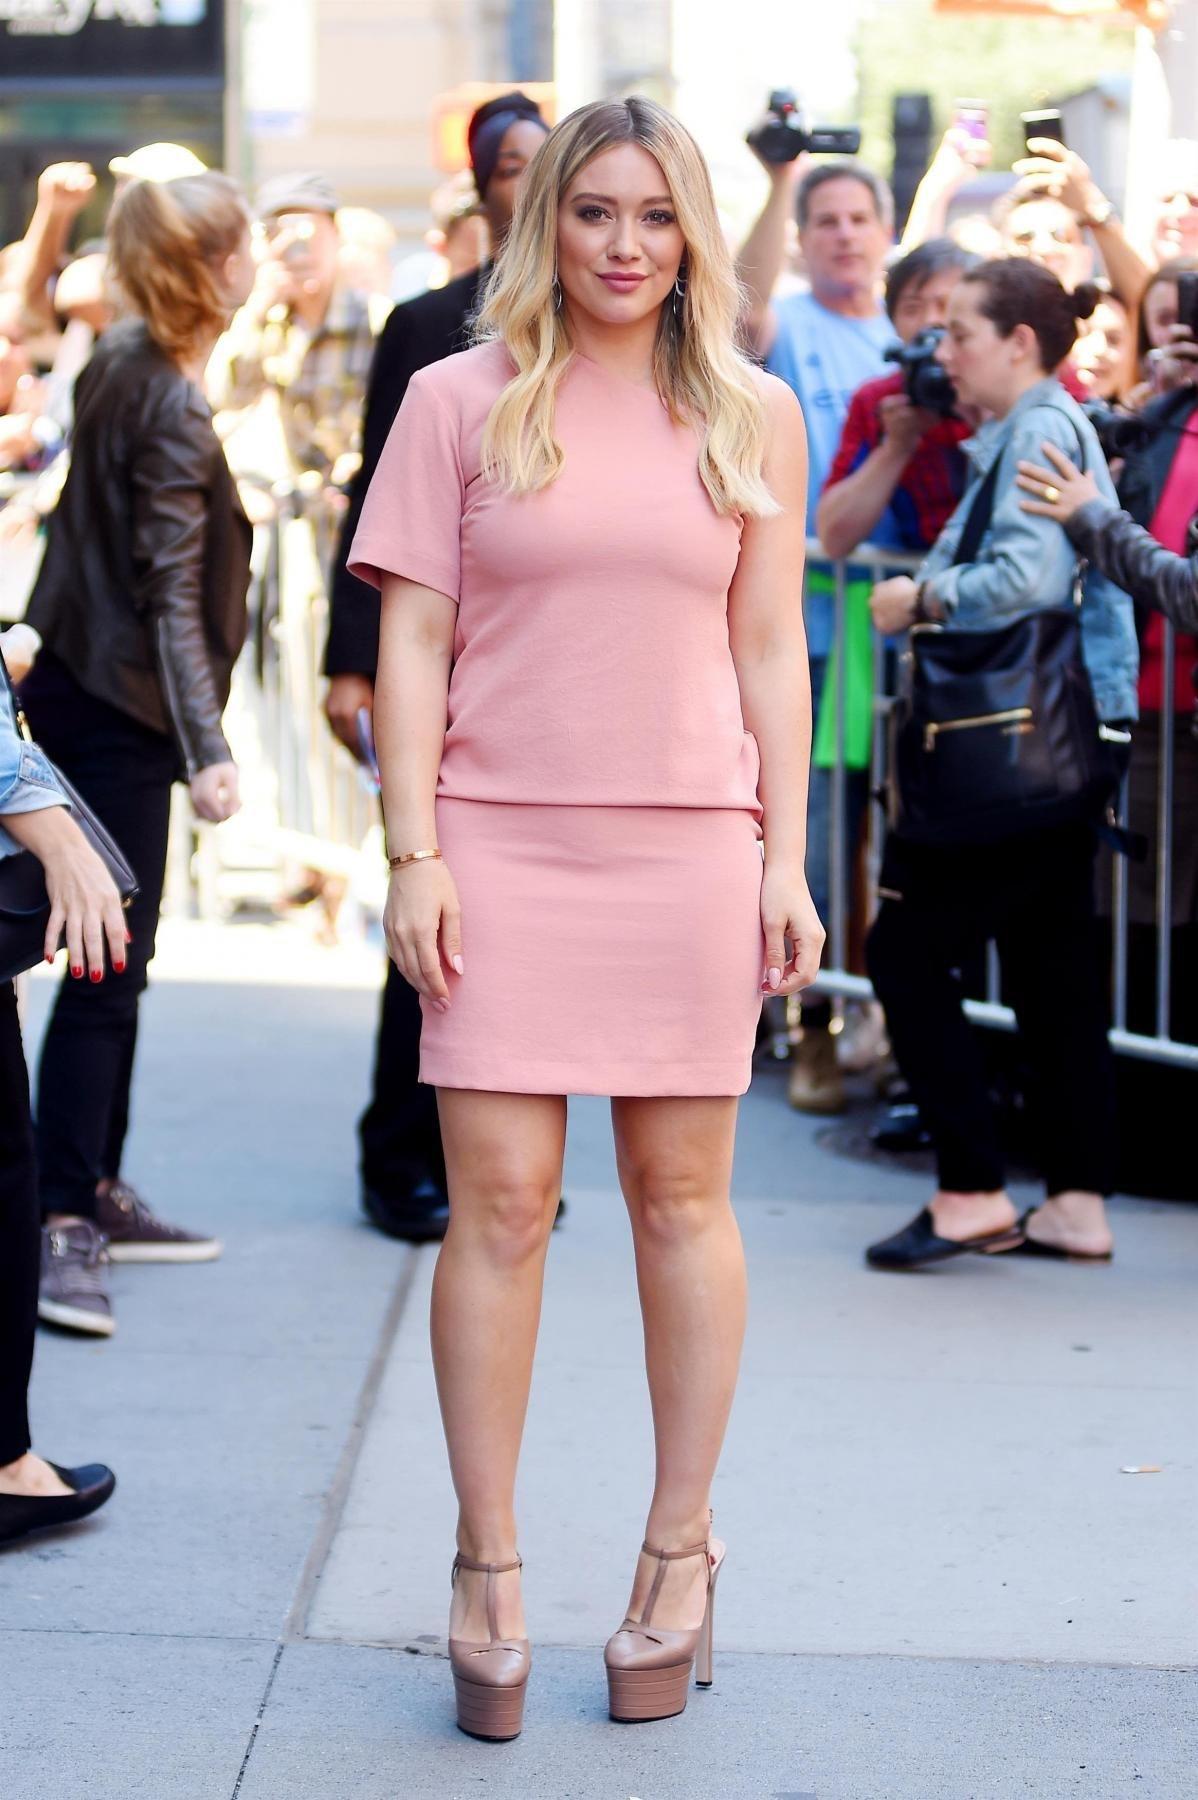 Hilary Duff Sexy Ass